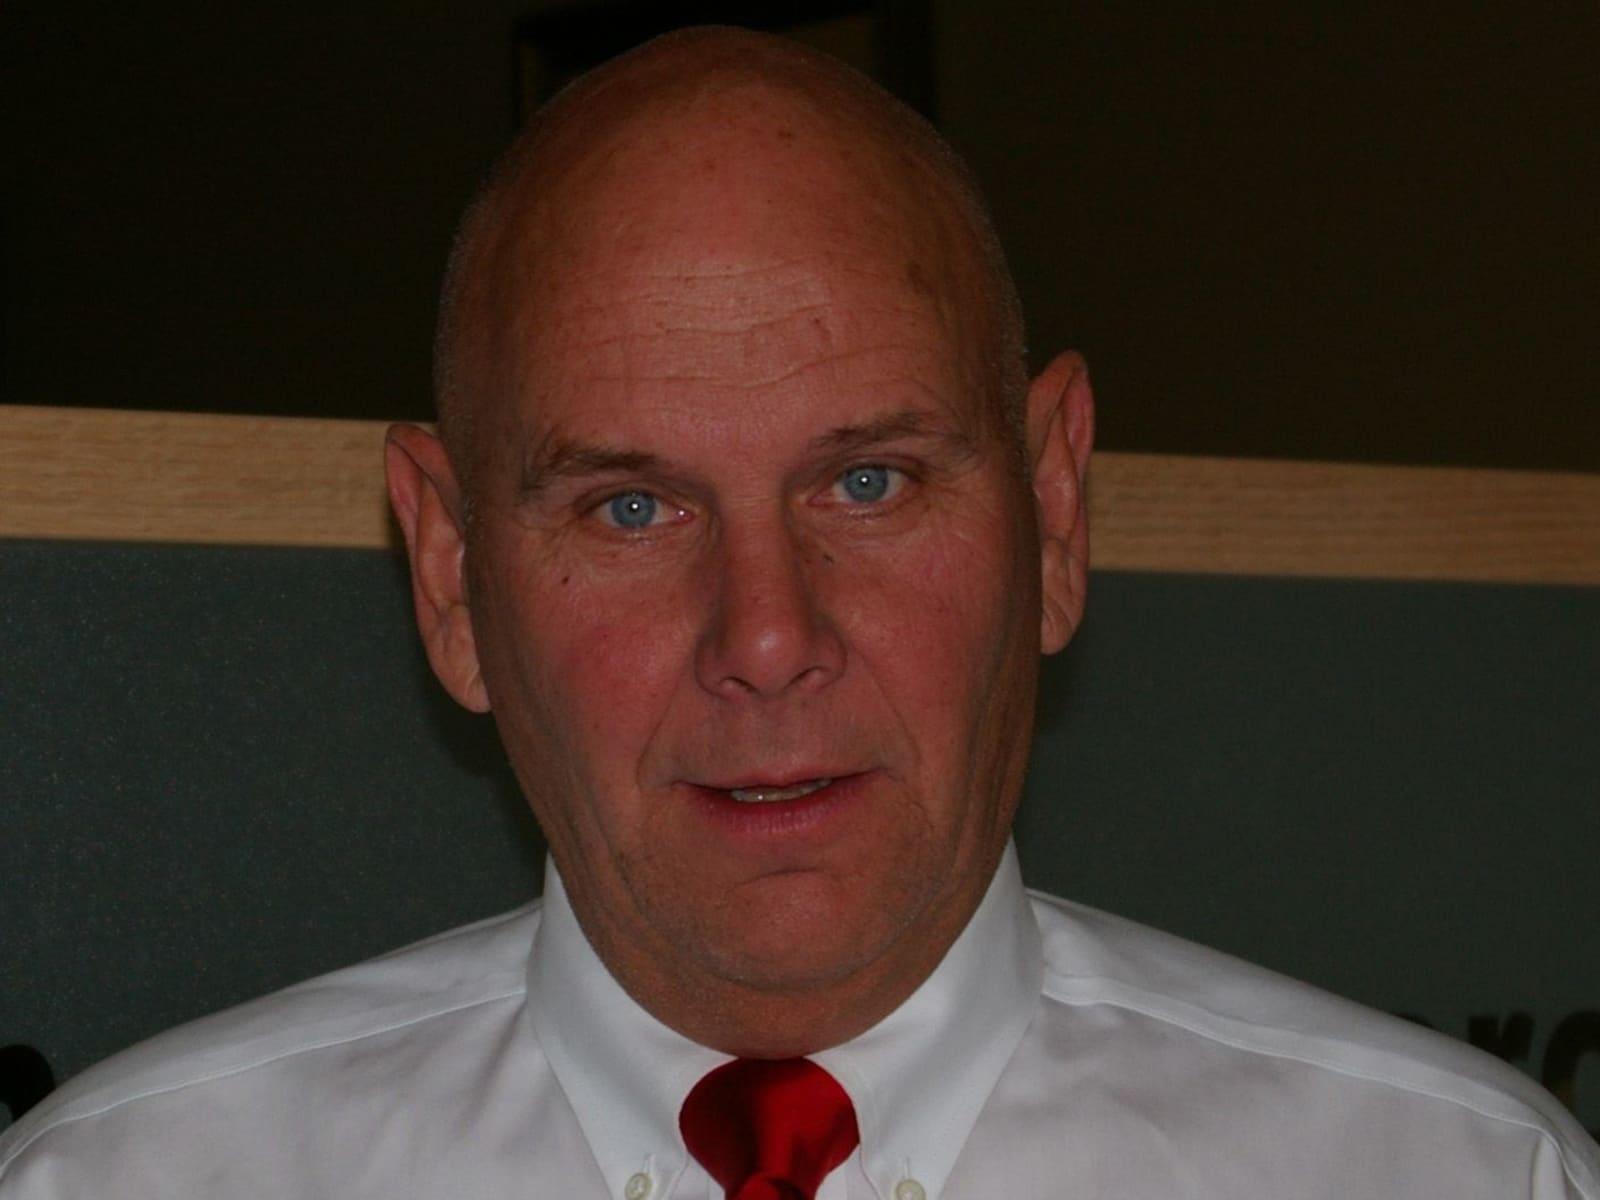 William from Toronto, Ontario, Canada